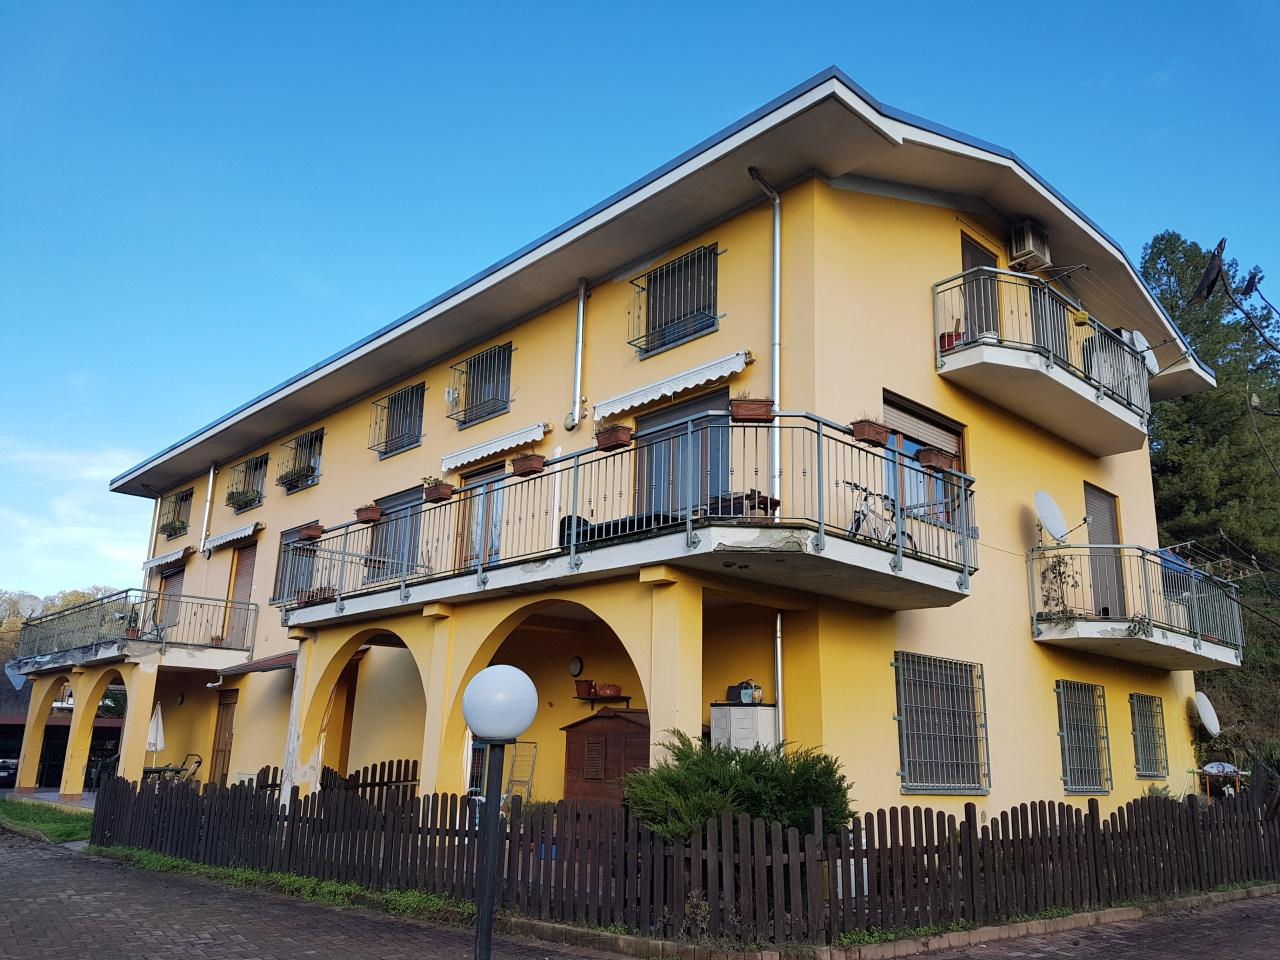 Appartamento in vendita a Cavagnolo, 4 locali, prezzo € 72.000 | PortaleAgenzieImmobiliari.it